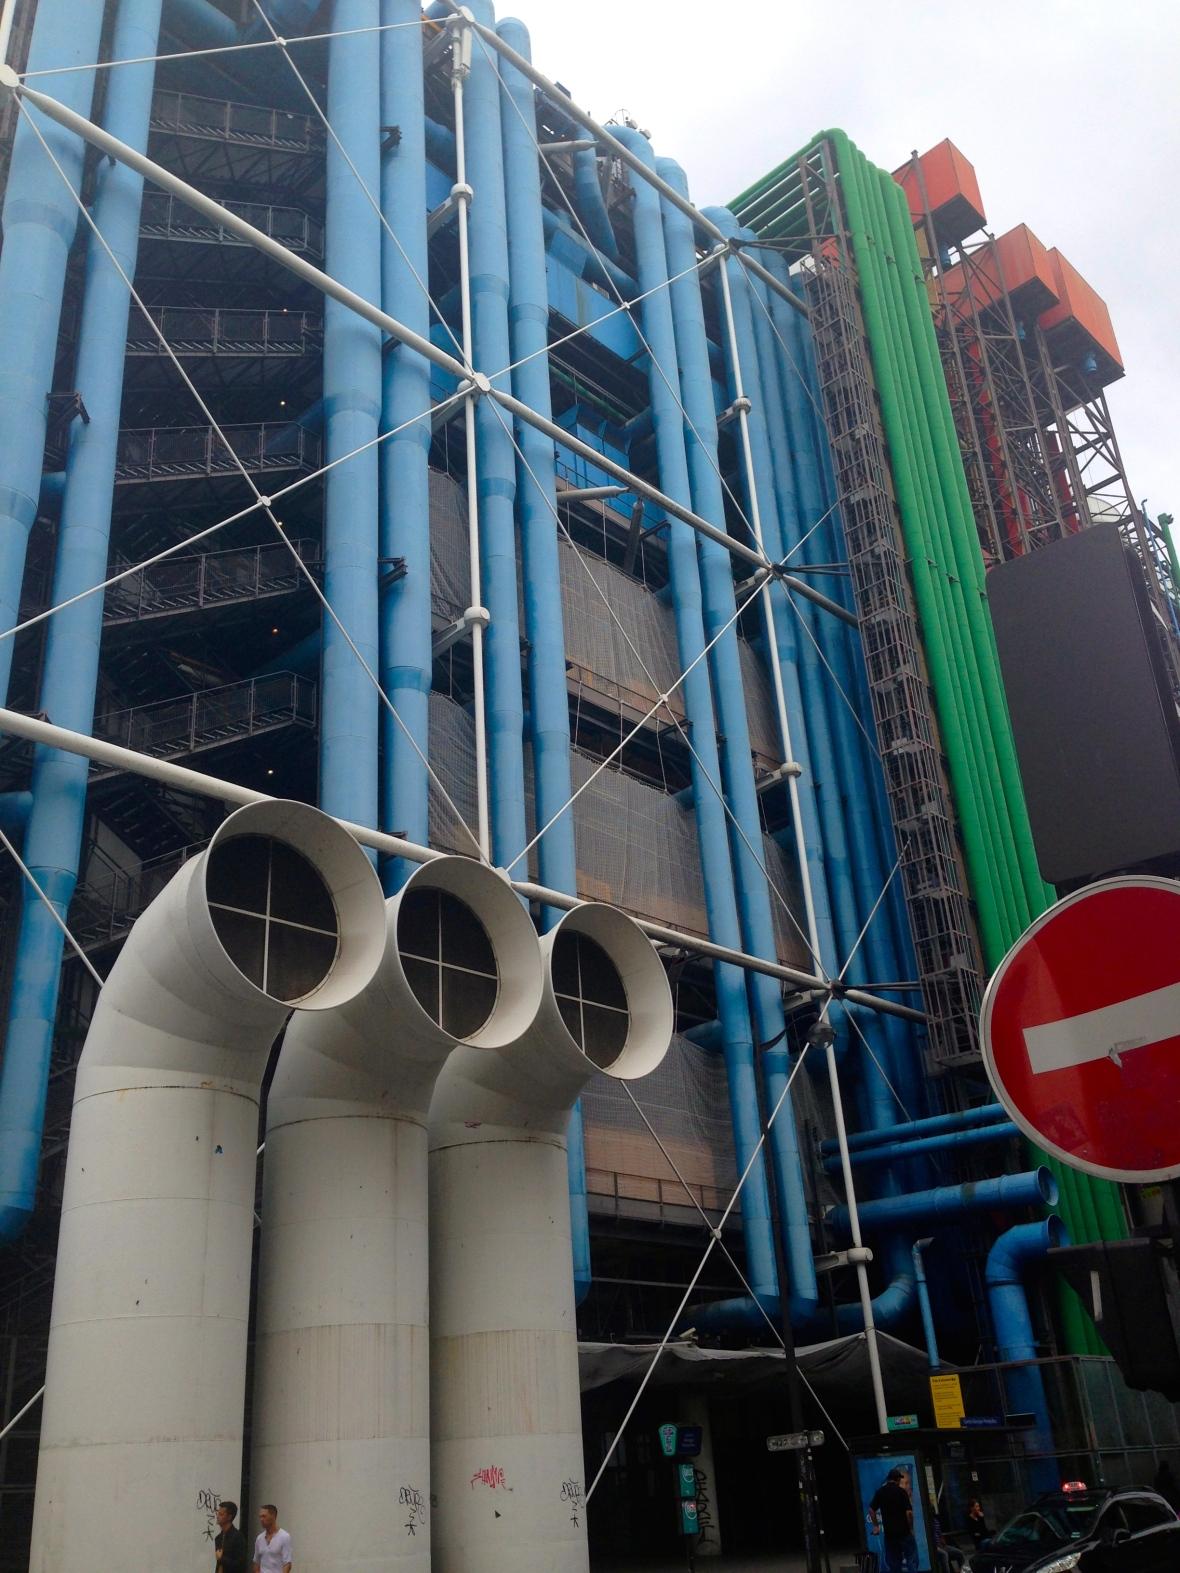 The Centre Pompidou Paris, France